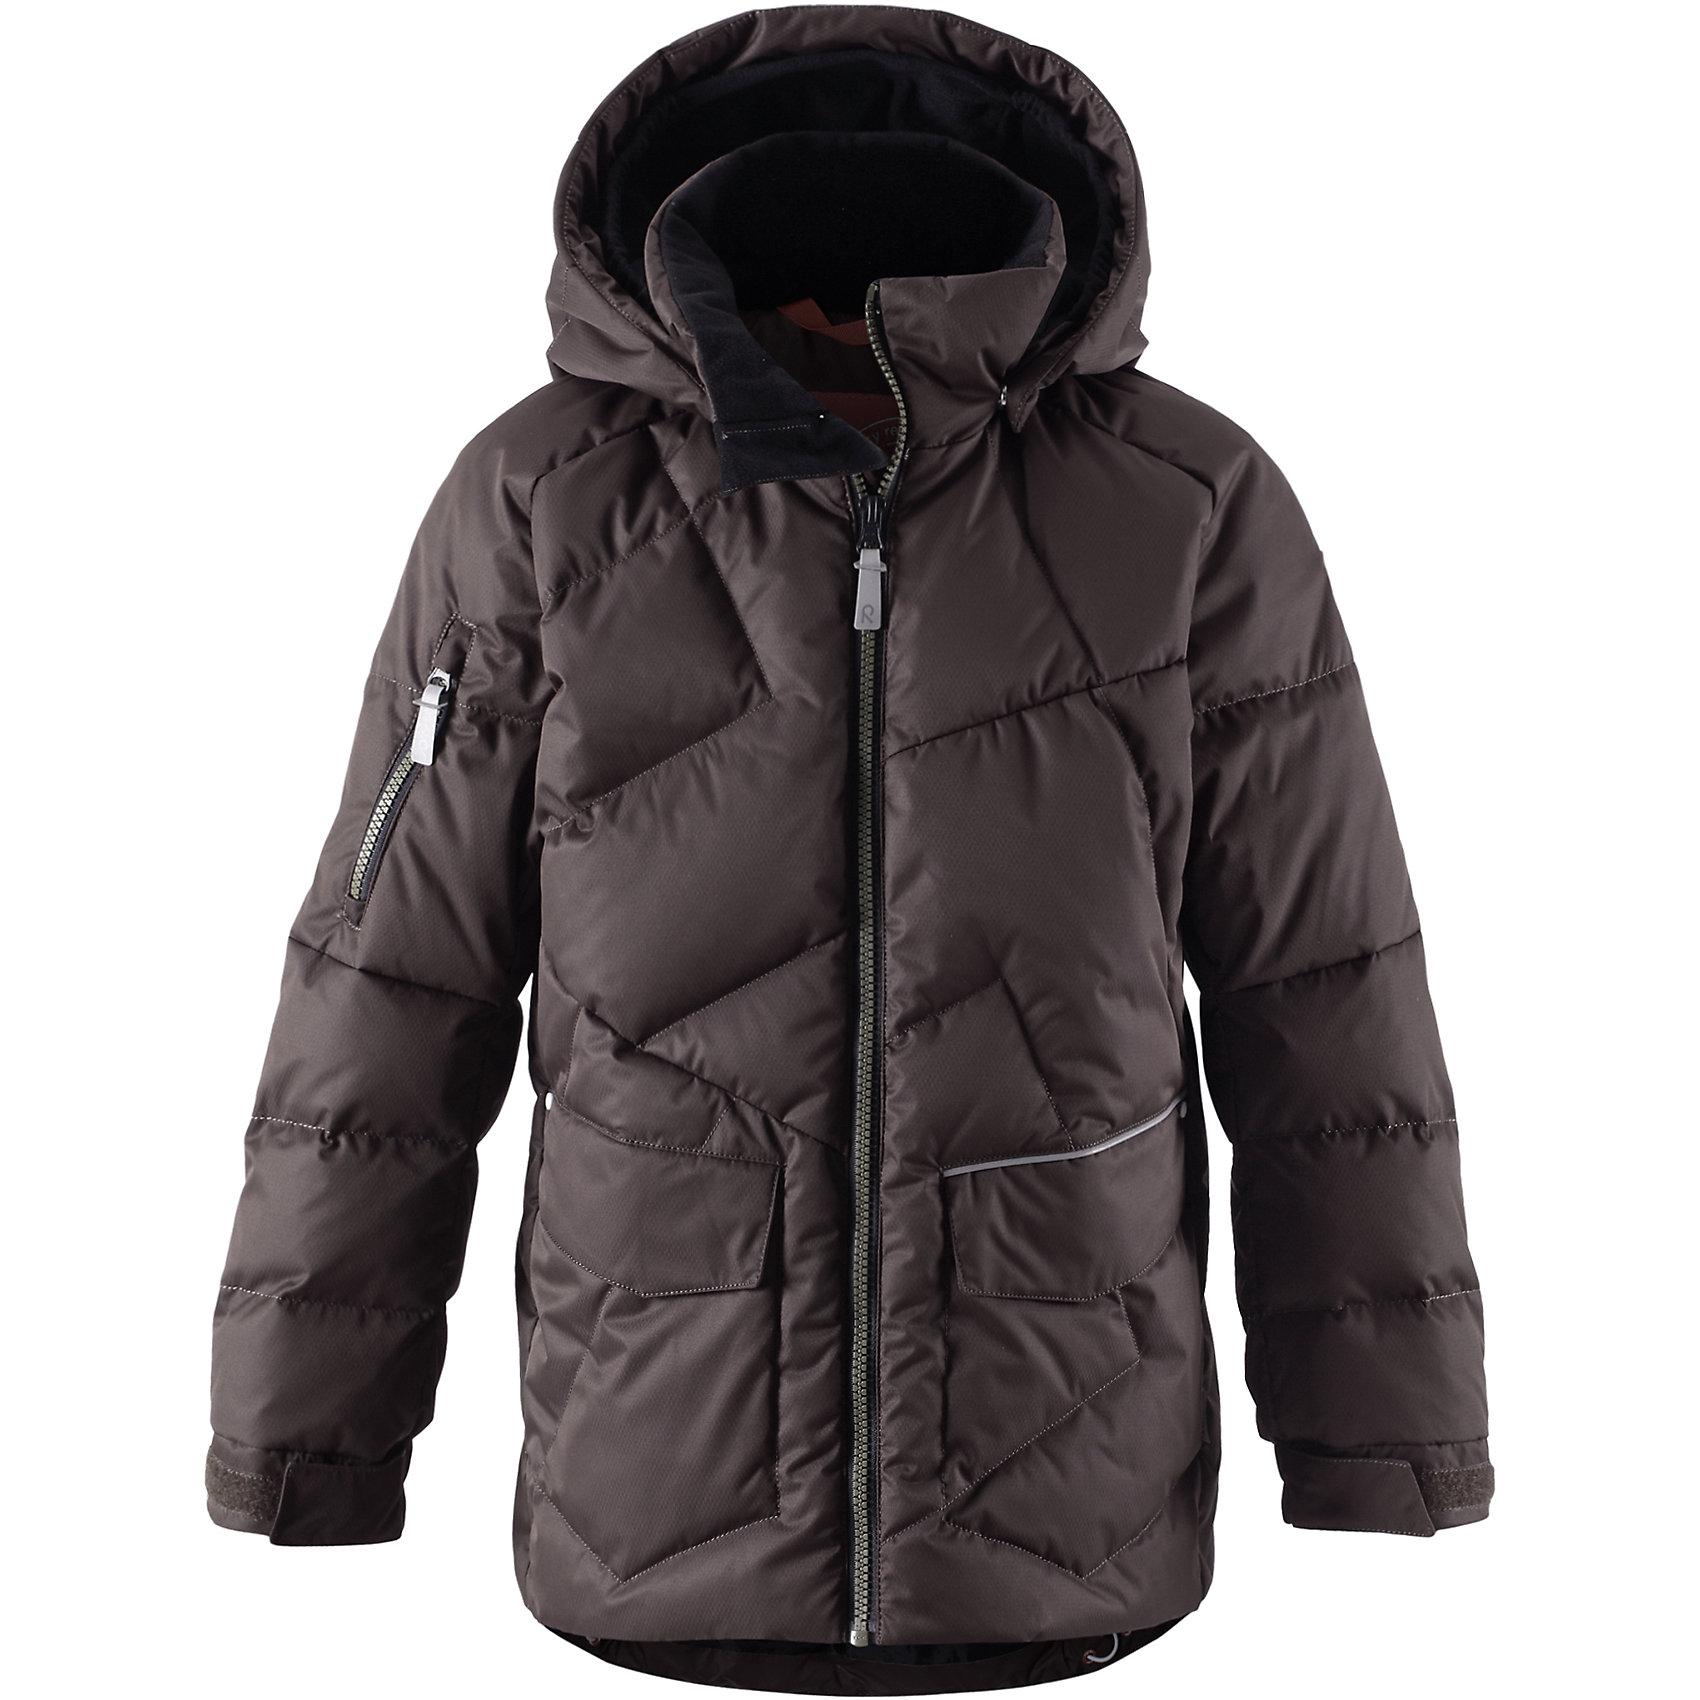 Куртка ReimaКуртка Reima (Рейма), коричневый от известного финского производителя теплой детской одежды Reima. Выполнена из полиэстера высокого качества, который обеспечивает защиту от влаги и ветра, обладает грязеотталкивающими свойствами. Все швы на куртке проекленные. Куртка выполнена в классическом варианте: прямой силуэт с удлиненной спинкой. Изделие имеет съемный капюшон, воротник-стойку, застежку-молнию, спереди имеются два накладных кармана, дополнительный карман – на рукаве. В качестве утеплителя использован пух и перо, что позволяет носить куртку даже в сильные морозы (до -30 градусов).<br><br>Дополнительная информация:<br><br>- Предназначение: повседневная одежда, для прогулок<br>- Цвет: коричневый<br>- Пол: для мальчика<br>- Состав: 100% полиэстер<br>- Сезон: зима<br>- Особенности ухода: стирка запрещена<br><br>Подробнее:<br><br>• Для детей в возрасте: от 8 лет и до 9 лет<br>• Страна производитель: Китай<br>• Торговый бренд: Reima, Финляндия<br><br>Куртку Reima (Рейма), коричневый можно купить в нашем интернет-магазине.<br><br>Ширина мм: 356<br>Глубина мм: 10<br>Высота мм: 245<br>Вес г: 519<br>Цвет: коричневый<br>Возраст от месяцев: 132<br>Возраст до месяцев: 144<br>Пол: Мужской<br>Возраст: Детский<br>Размер: 140,128,158,164,152,134,146<br>SKU: 4869712